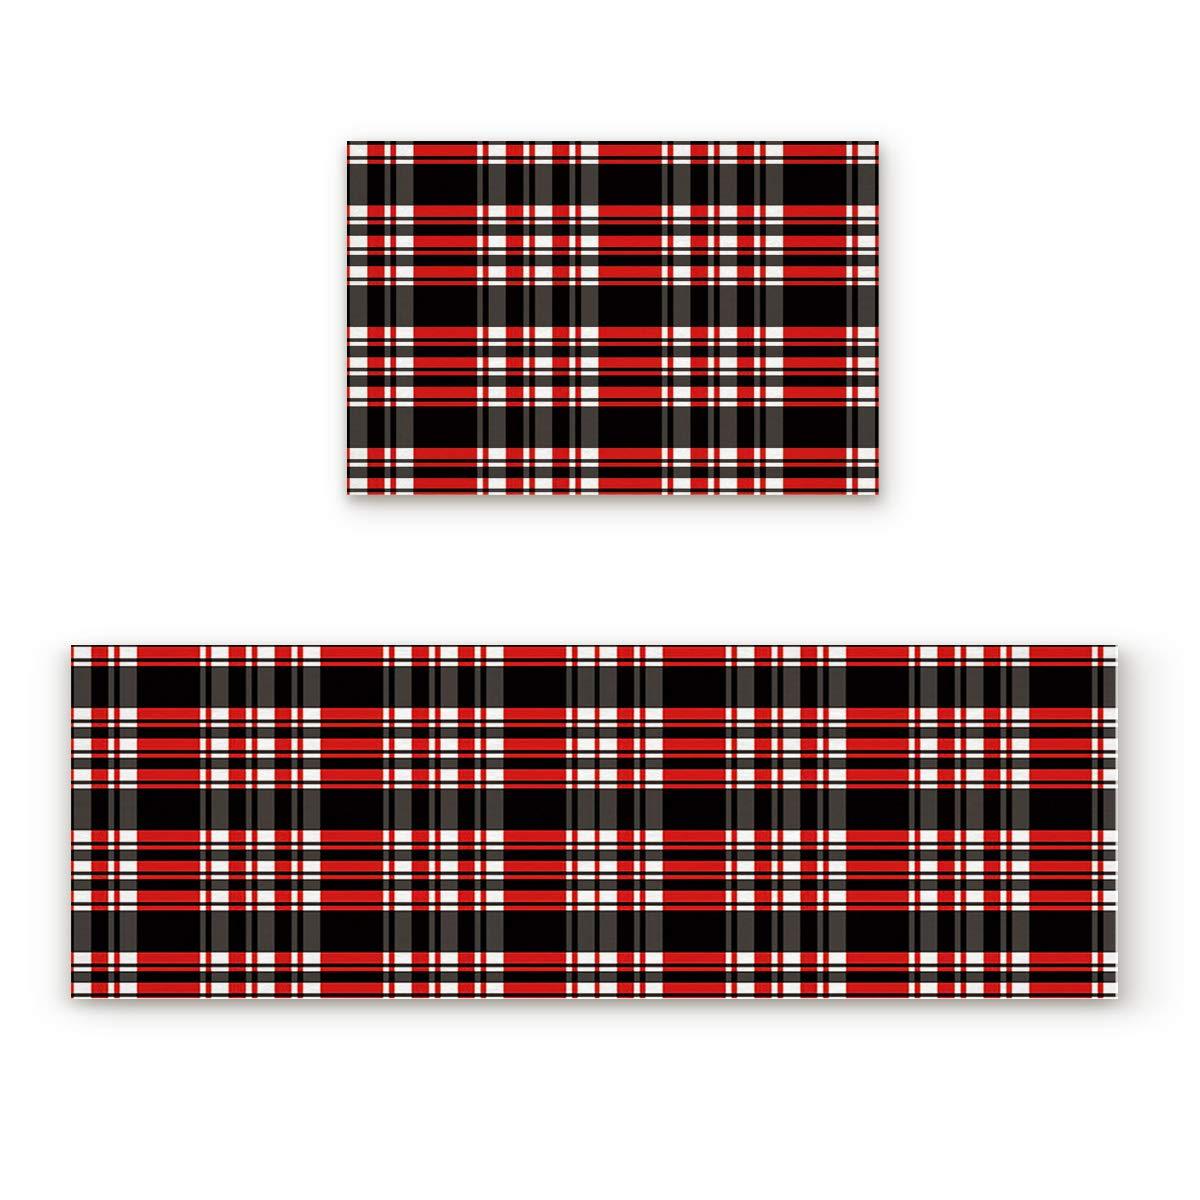 Lattice12FIY7833 23.6x35.4In+23.6x70.9In Findamy Non-Slip Indoor Door Mat Entrance Rug Rectangle Absorbent Moisture Floor Carpet for Classic White Red and Black Lattice Pattern Doormat 23.6x35.4In+23.6x70.9In